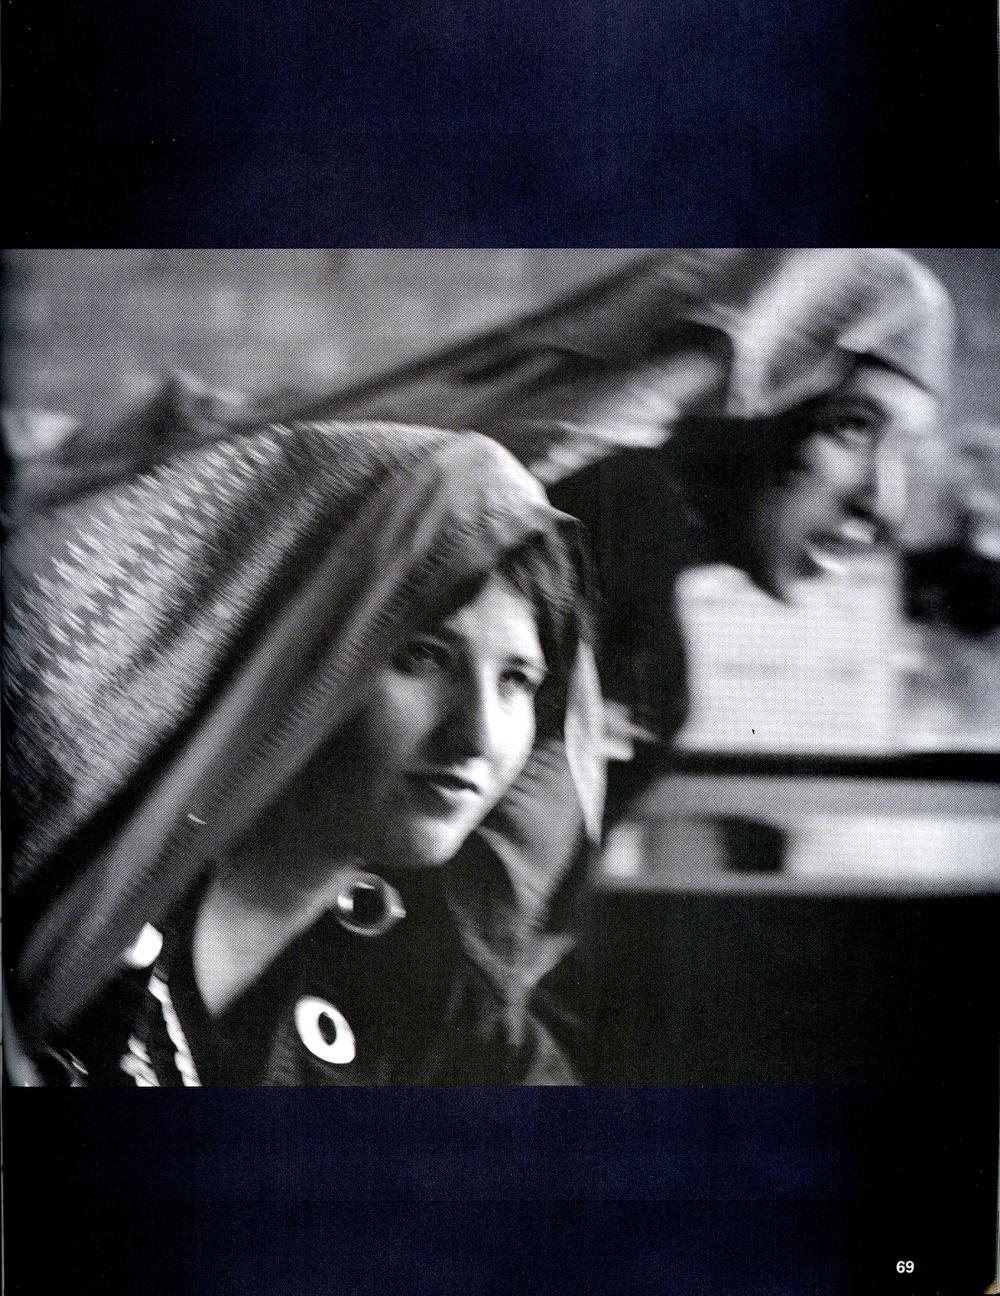 09122002_UN ANNO DOPO_FEATURE COVER_2.jpg